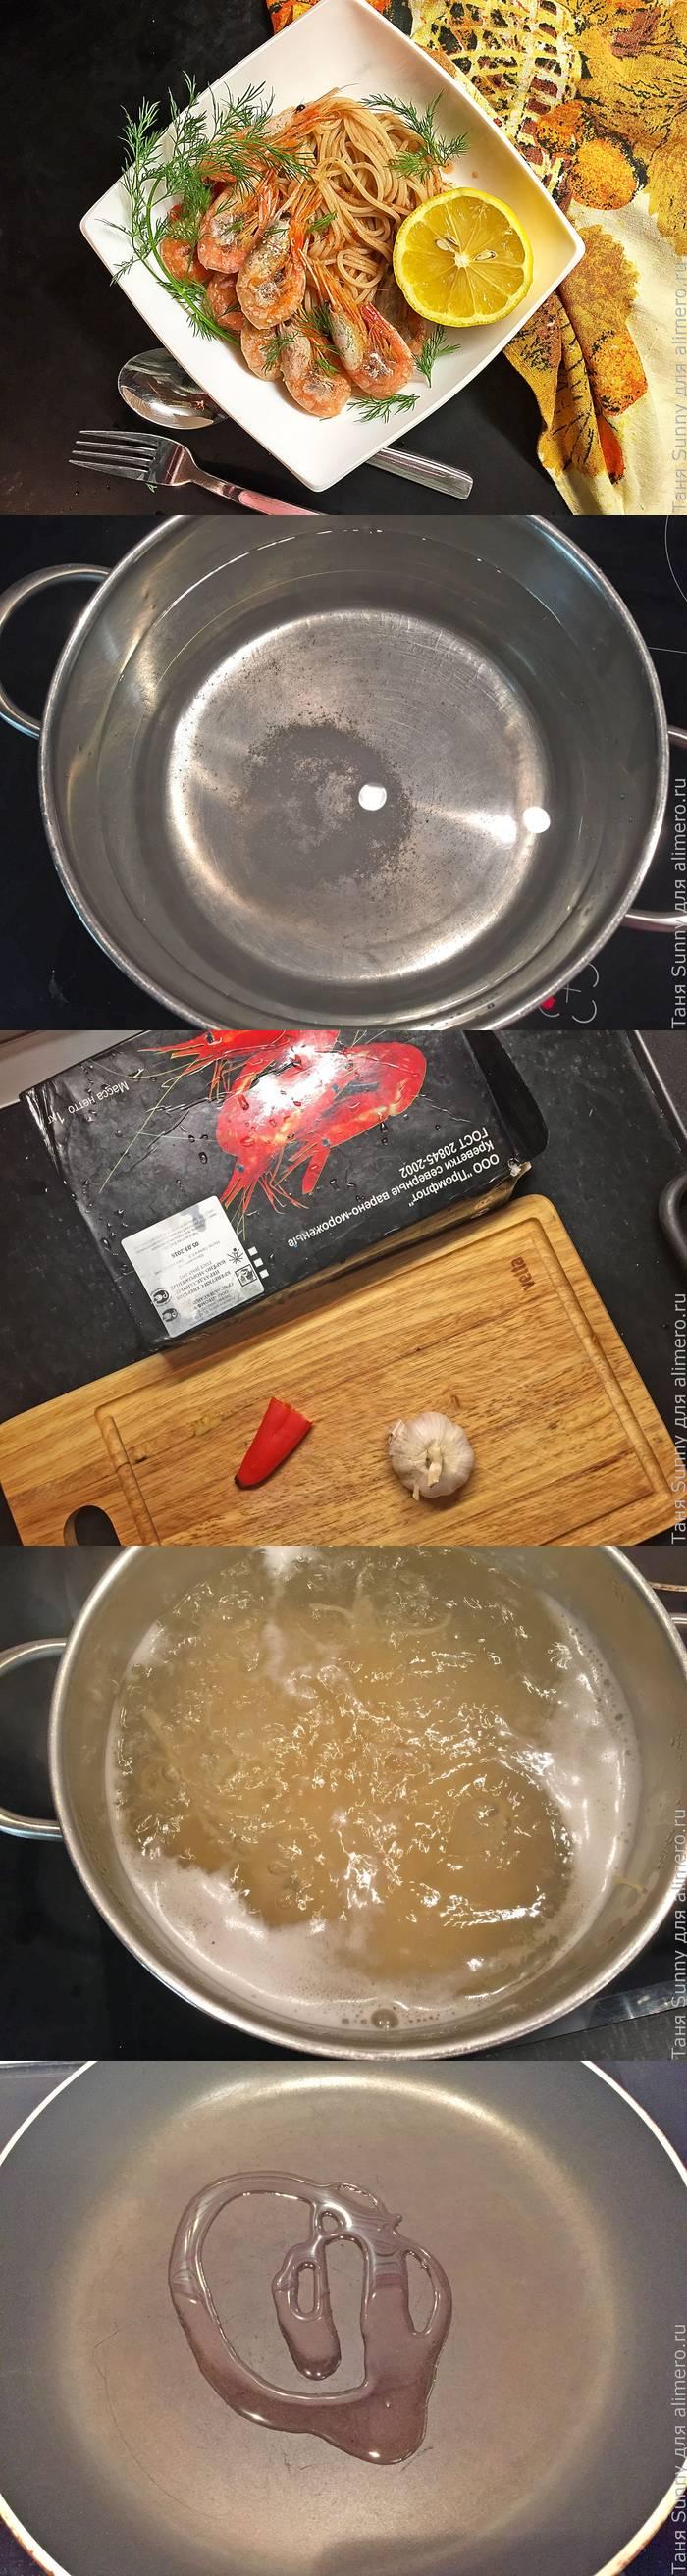 Чесночные креветки с макаронами - очень быстрая еда